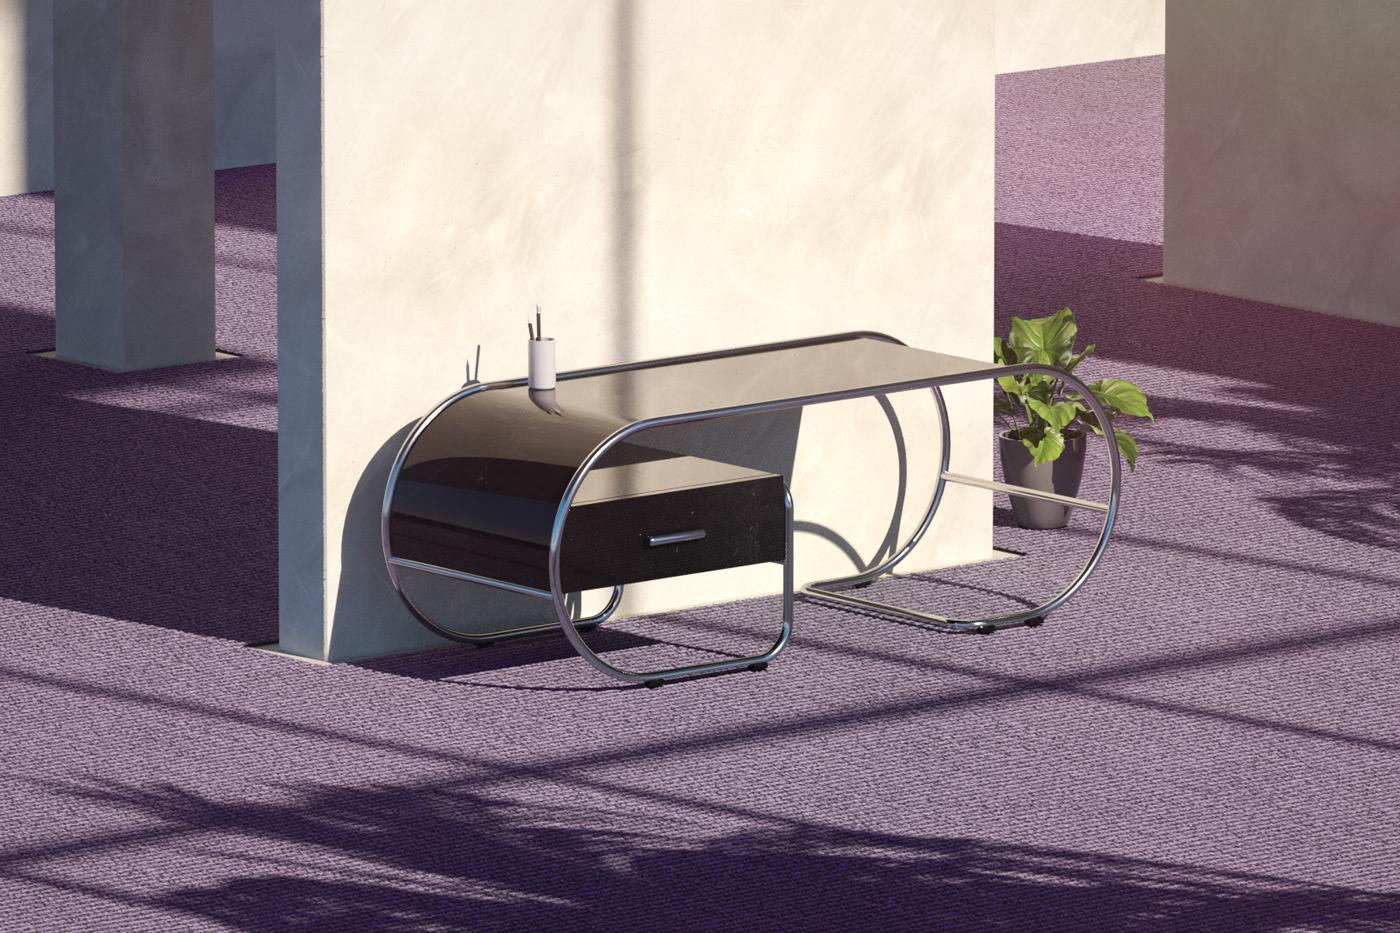 abduzeedo.com - Furniture Design Inspired by Adobe Hidden Treasures